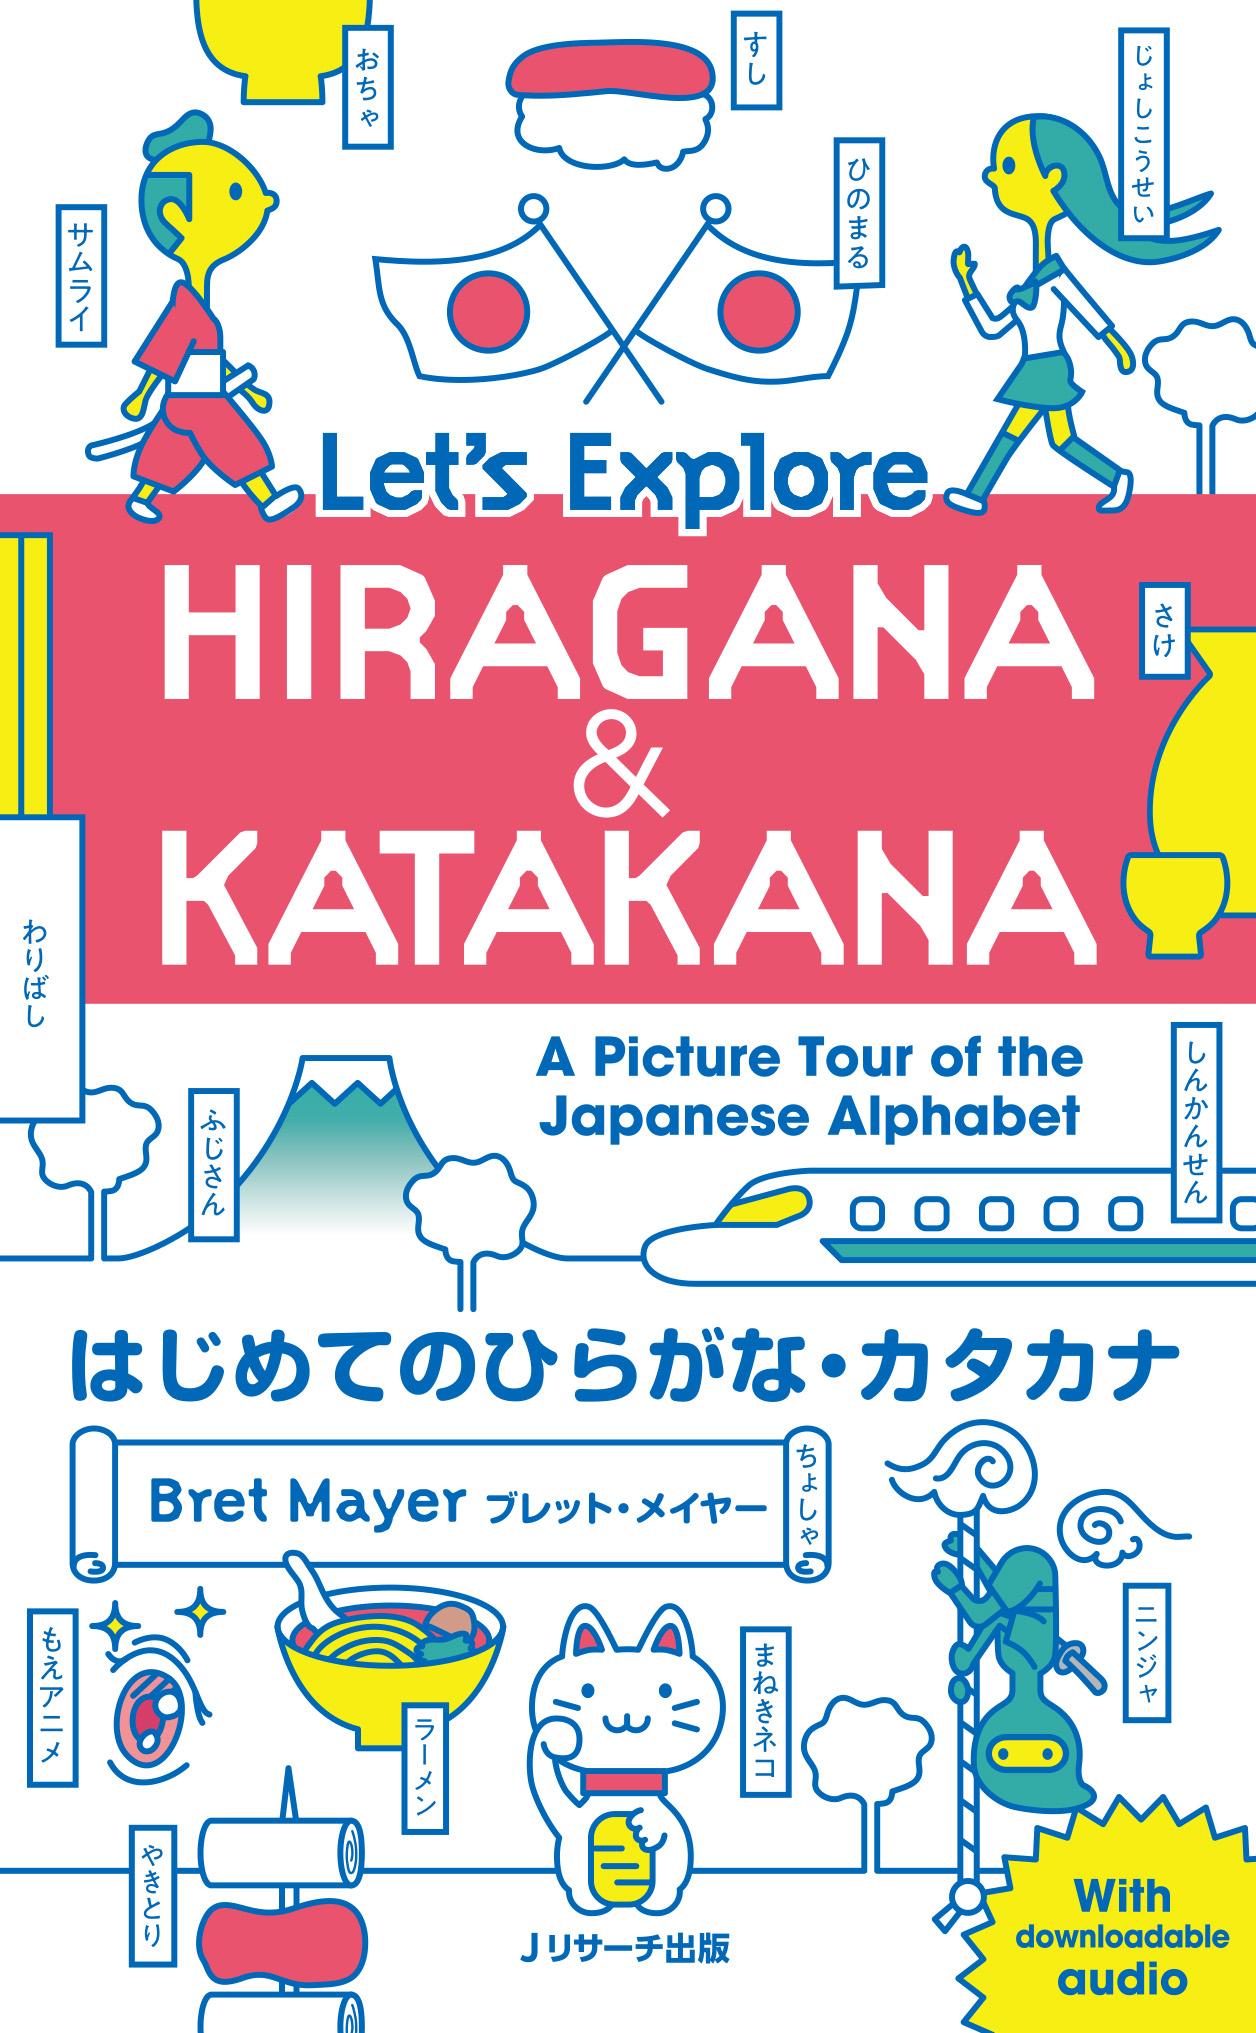 はじめてのひらがな・カタカナ  Let's Explore HIRAGANA & KATAKANA画像